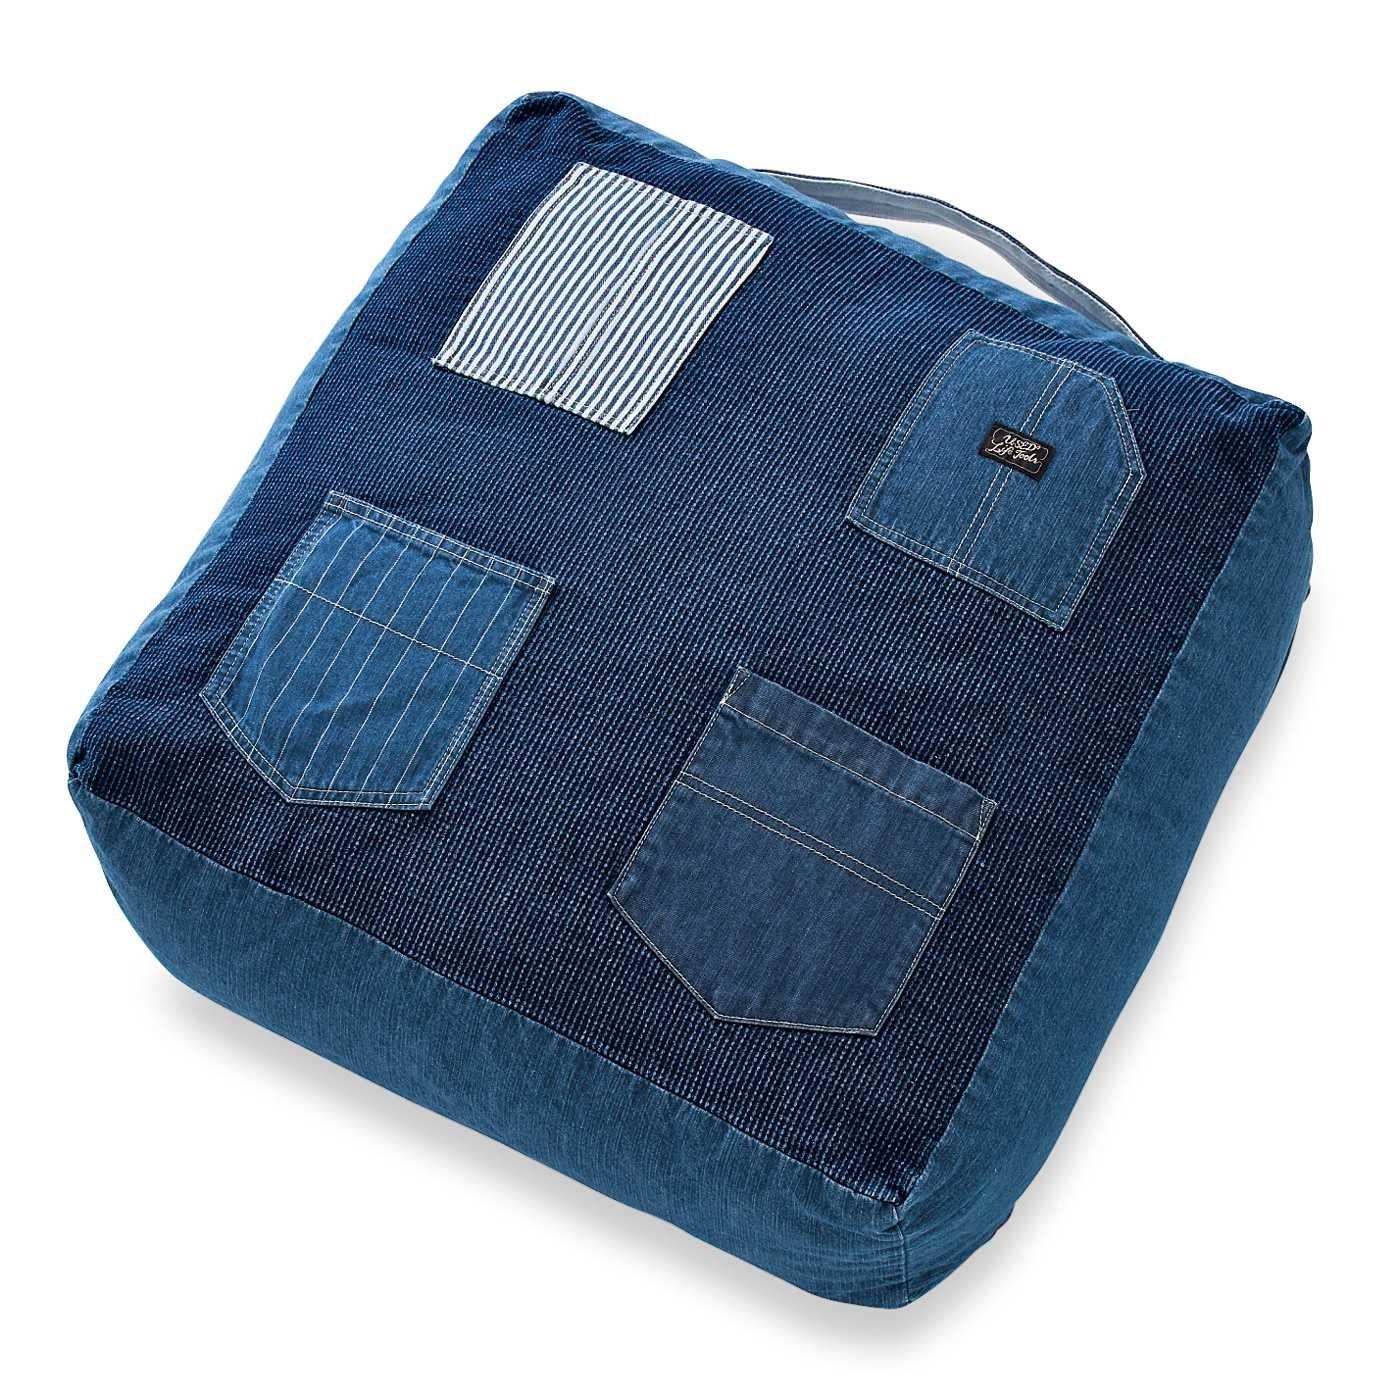 古着屋さんで見つけたようなヴィンテージ感あふれる布団収納デニムザブトン〈ユーズドインディゴブルー〉